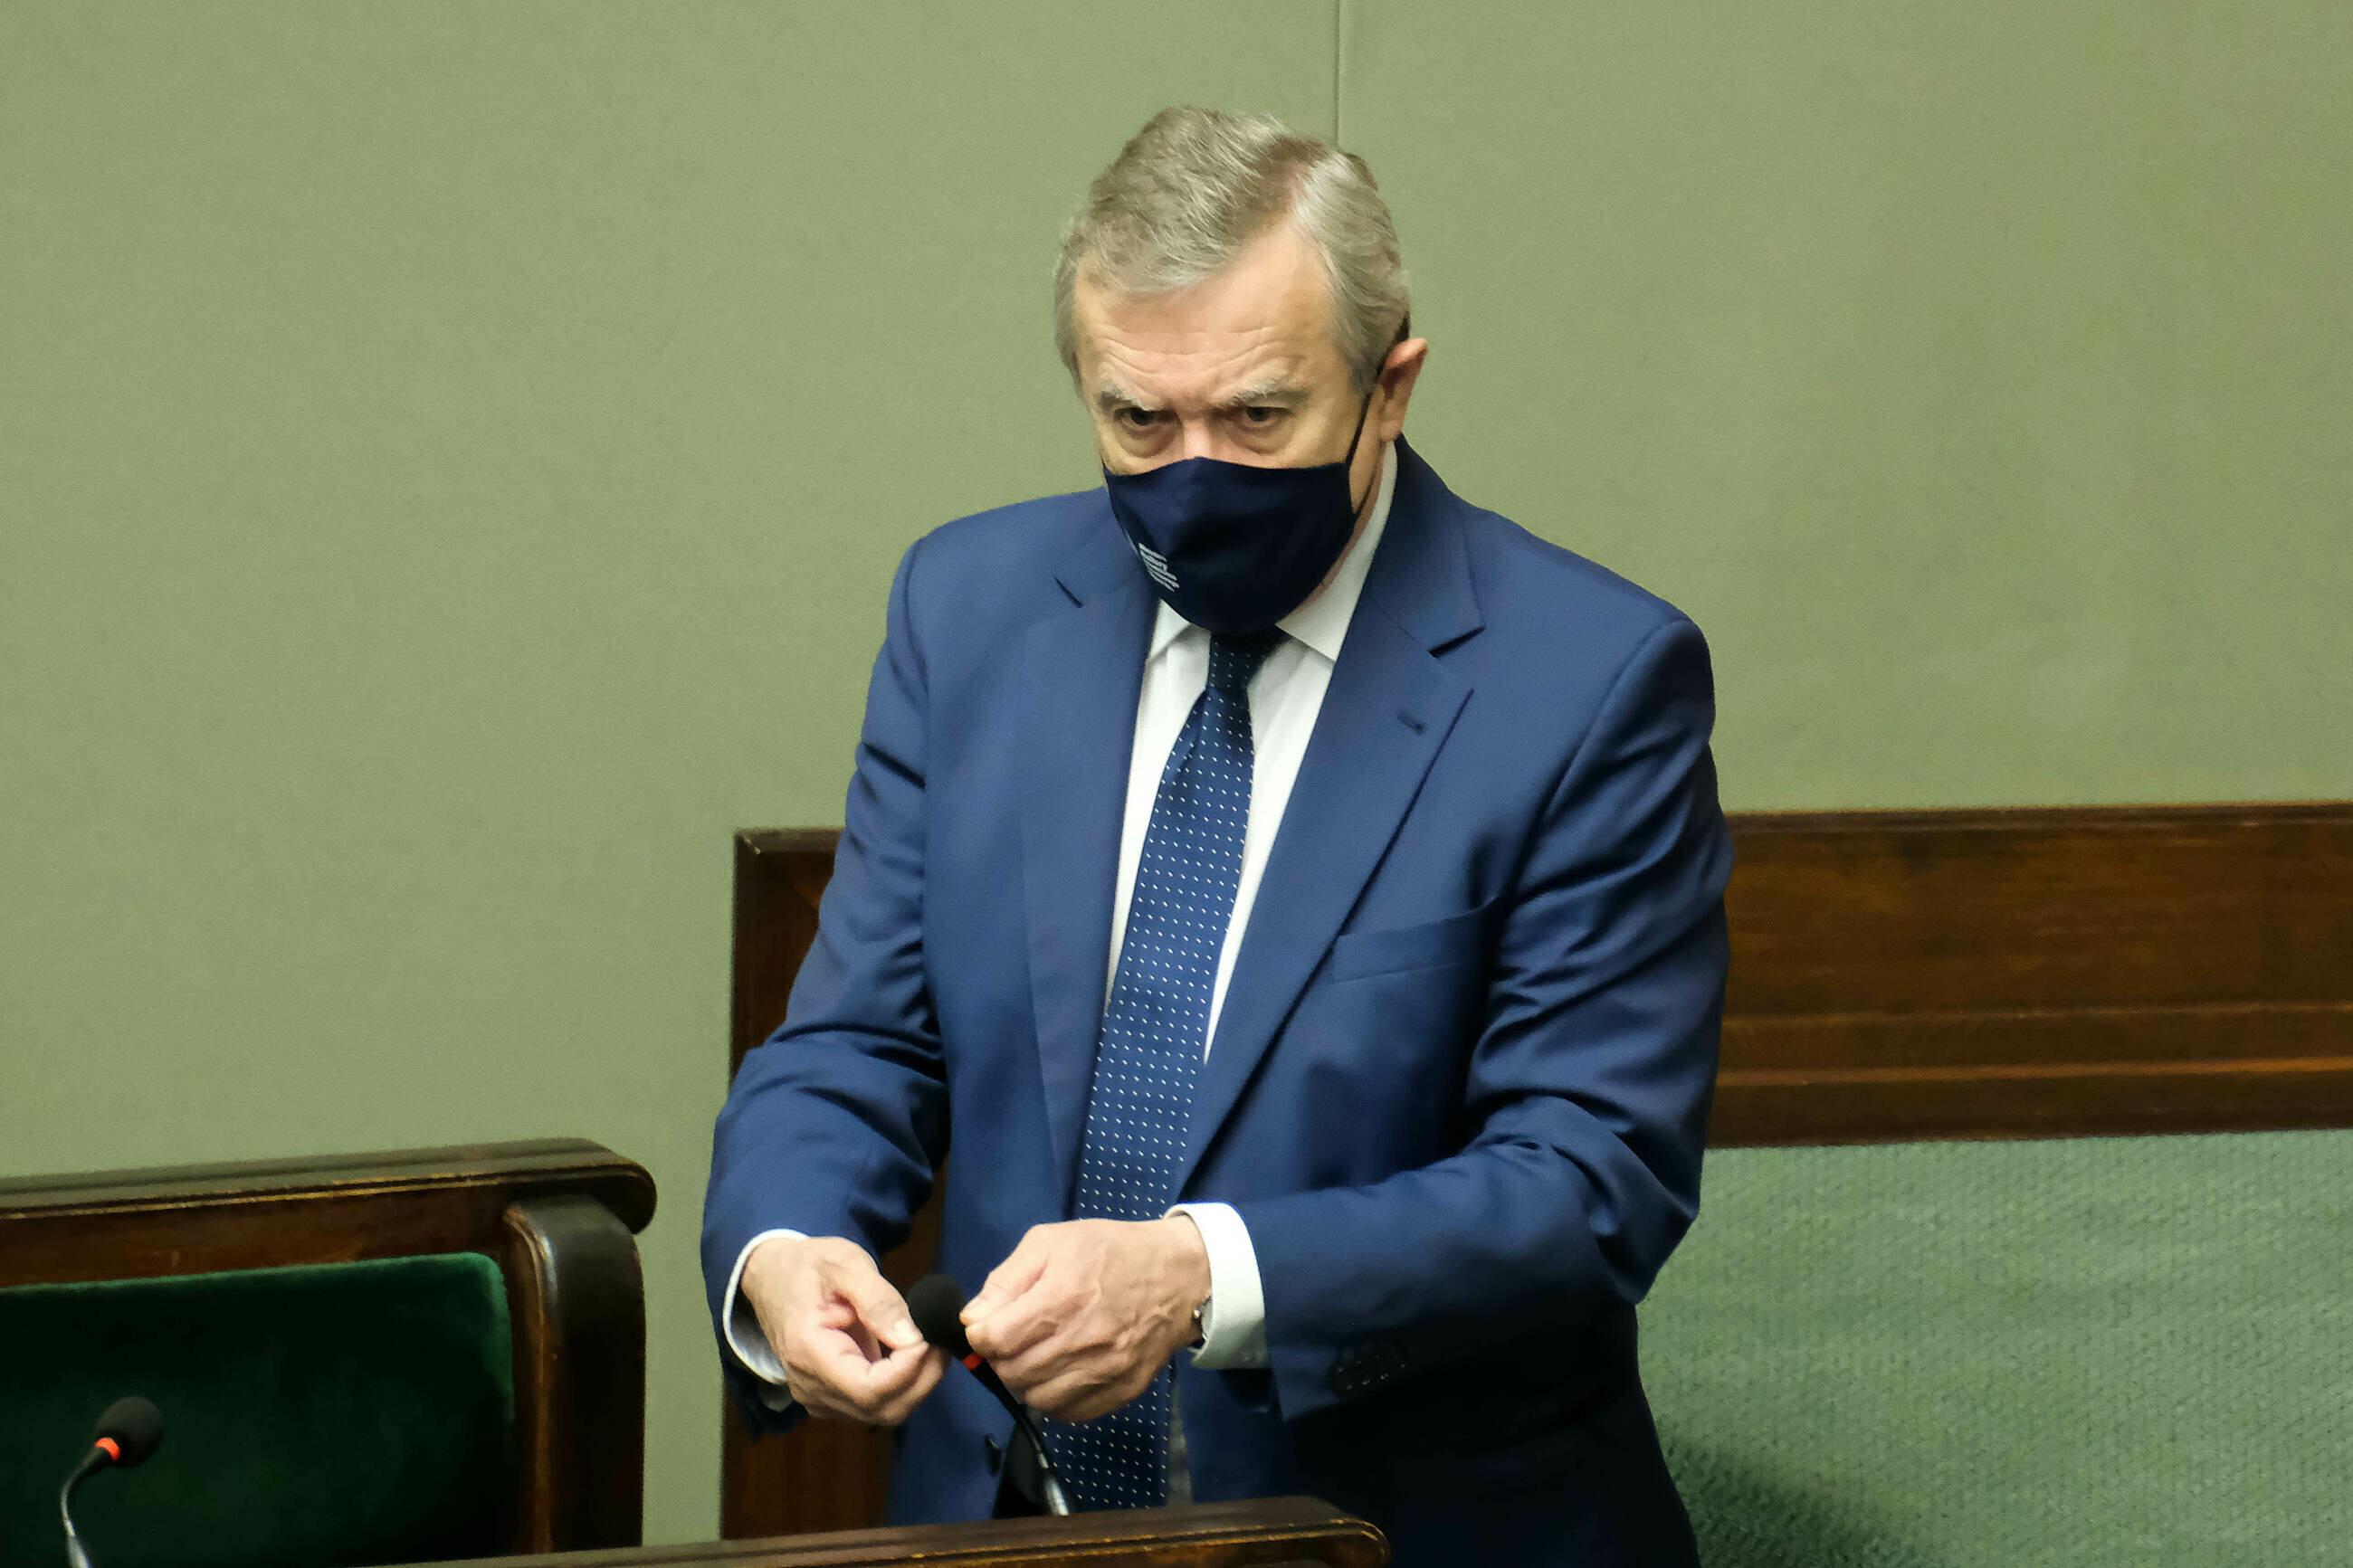 Piotr Gliński podlicza zarobki Donalda Tuska. Zestawia go przy tym z... Andrzejem Dudą